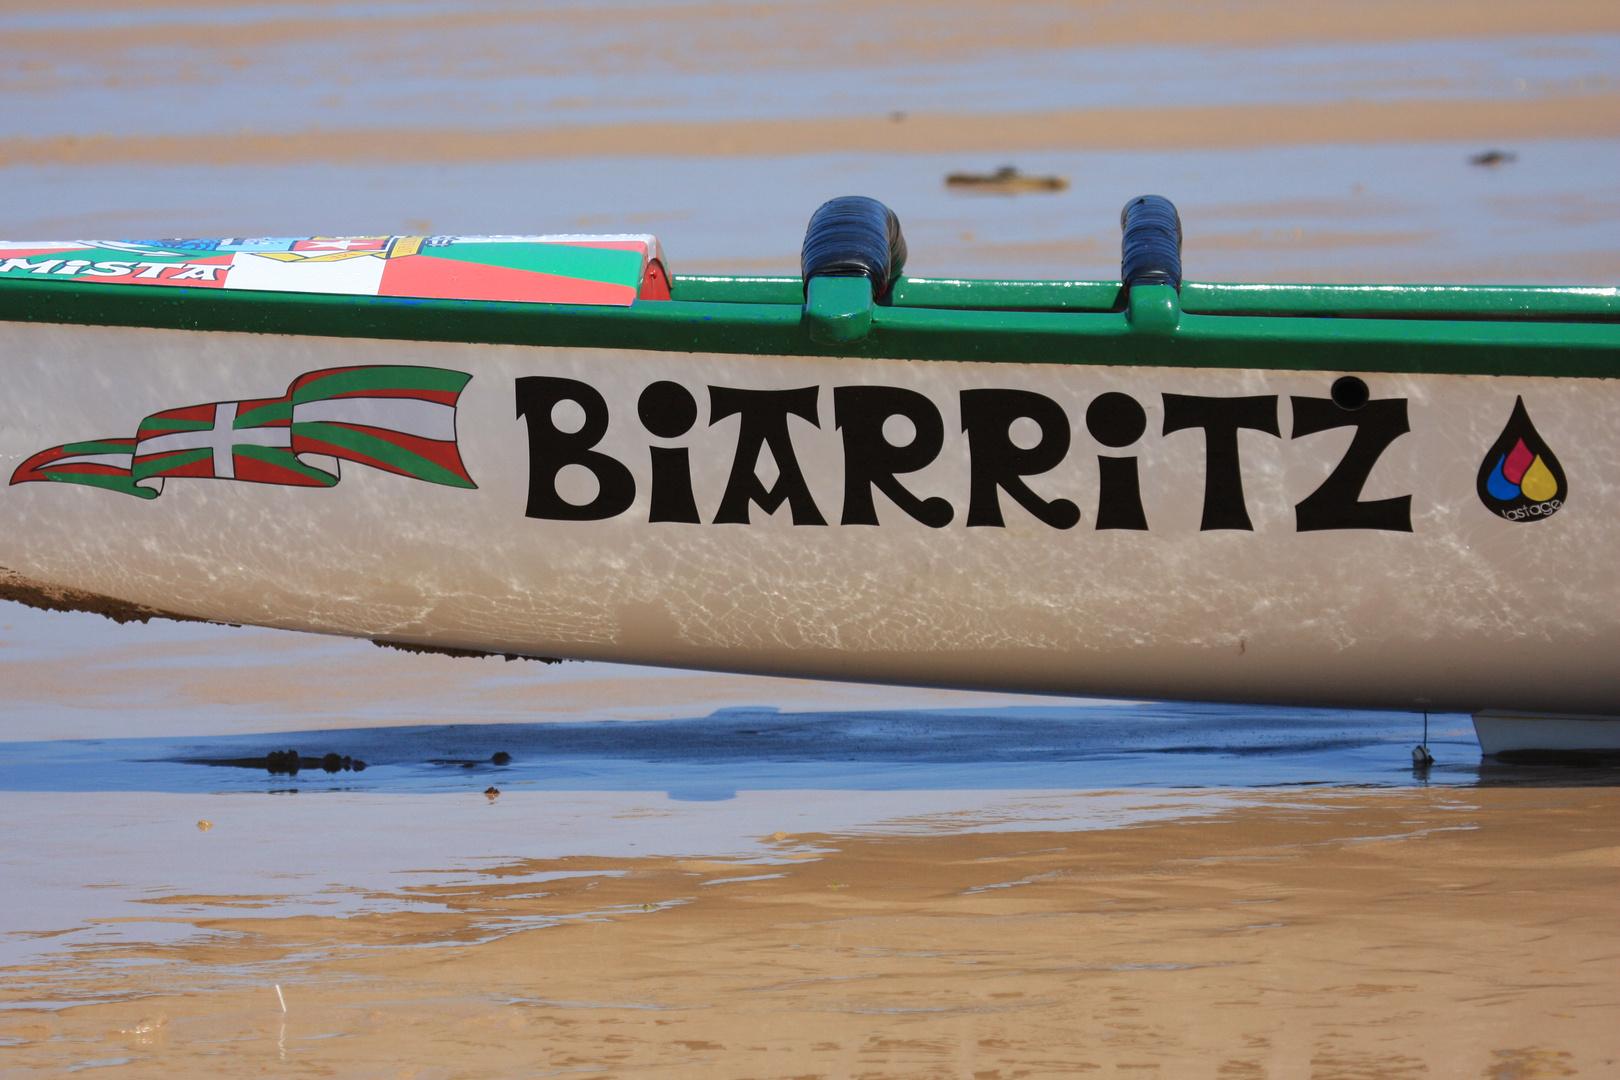 Biarritz surfboat